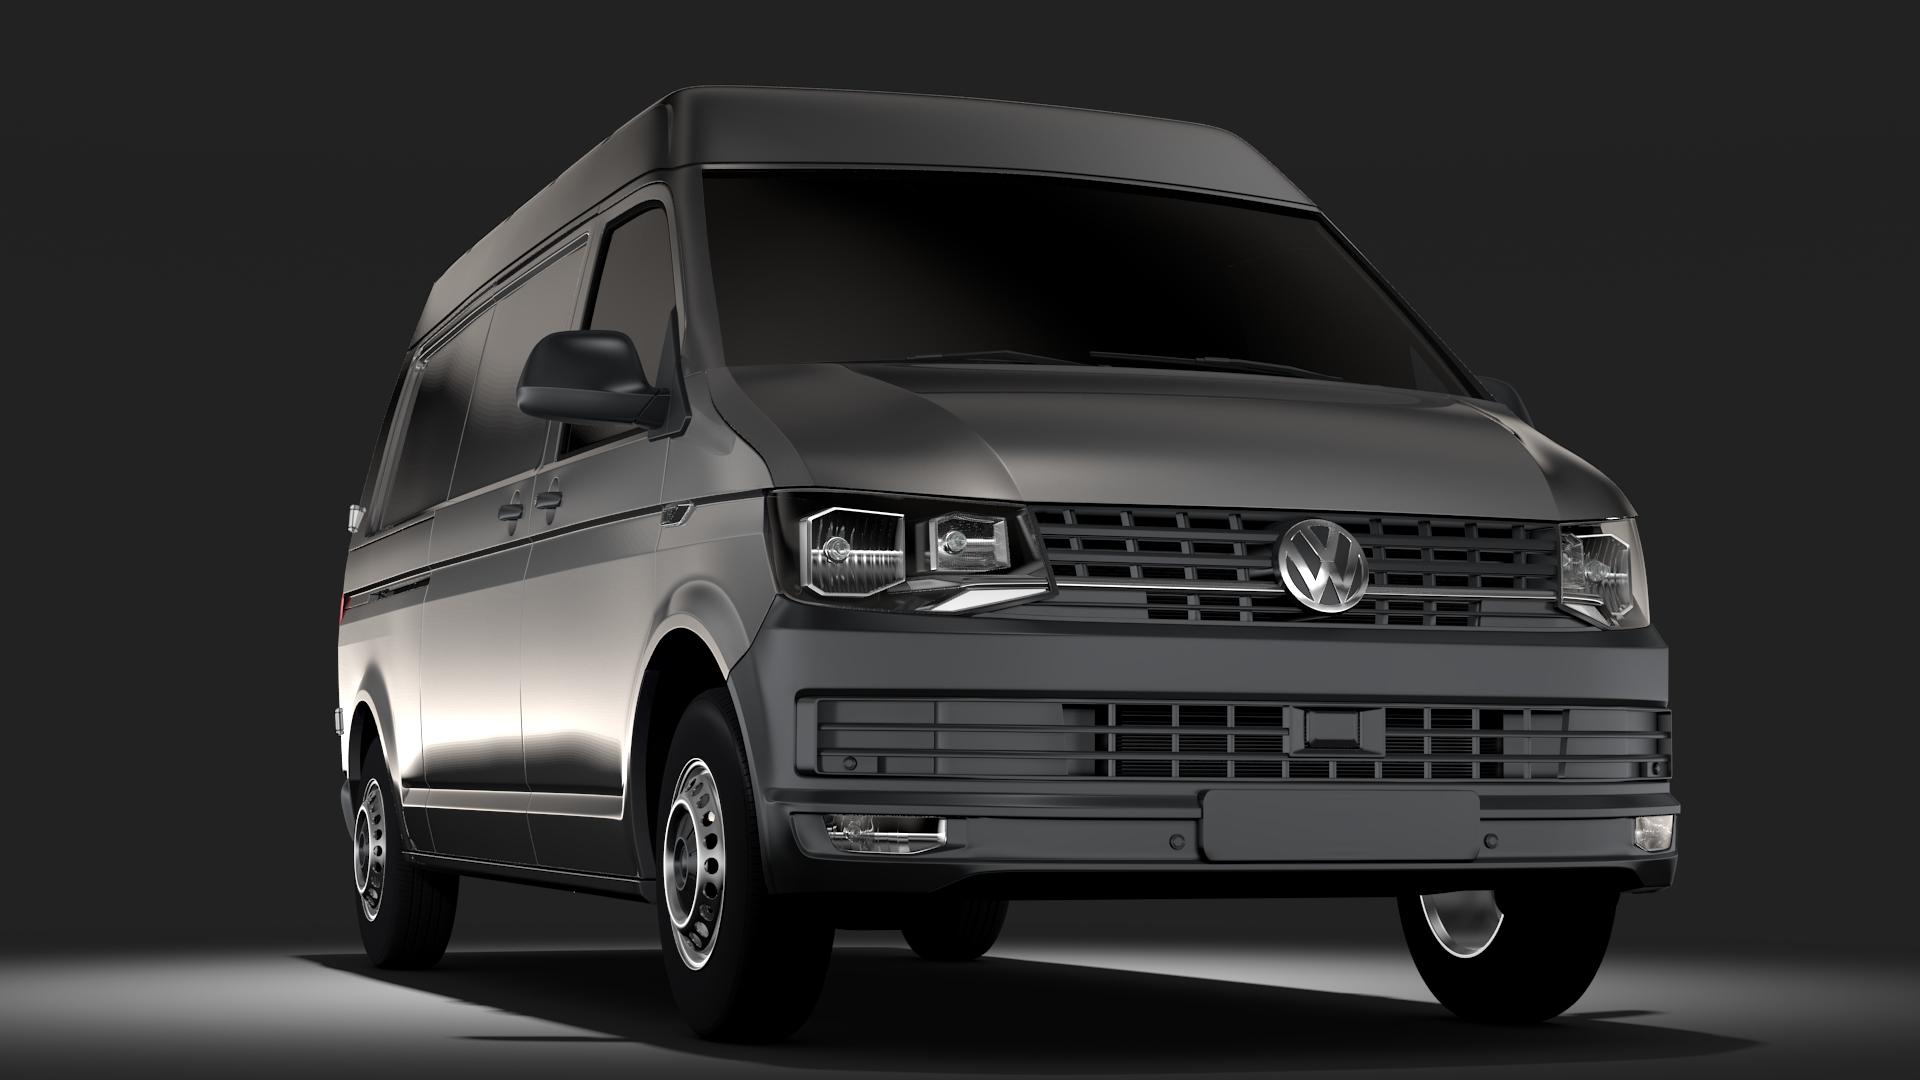 volkswagen transporter van l2h2 t6 2017 model 3d max fbx c4d am fwy o wybodaeth ar gyfer 275259